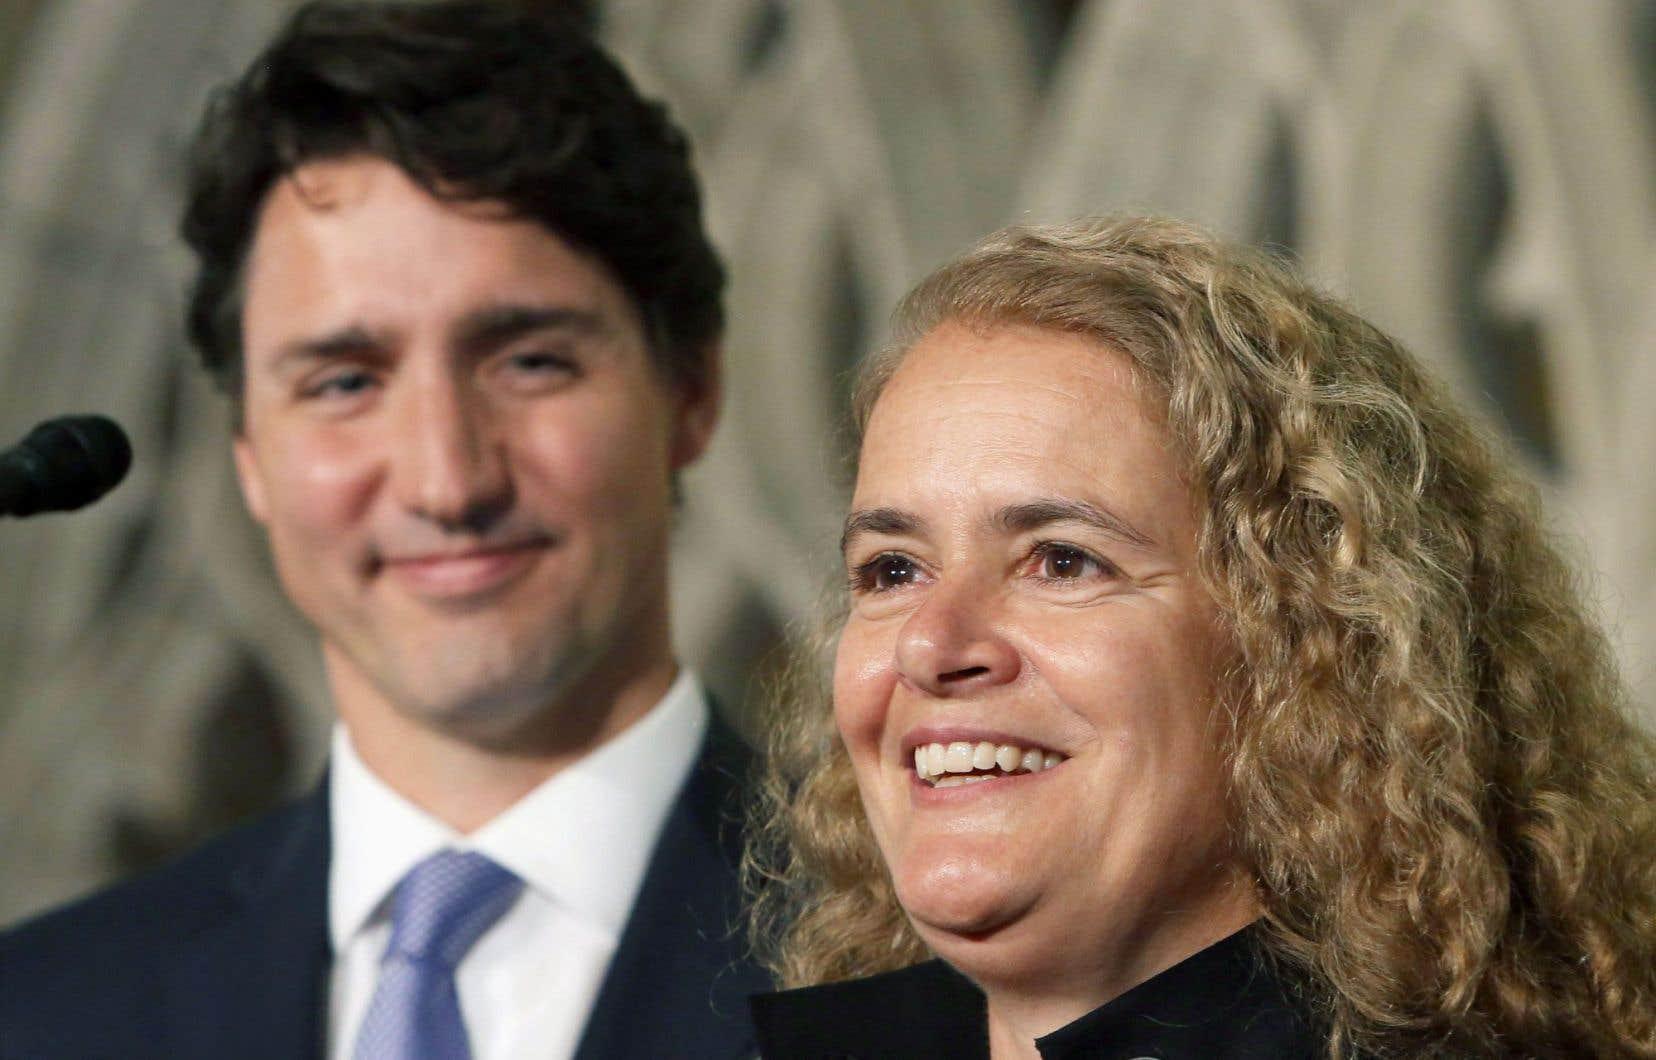 Le choix de Julie Payette comme prochaine gouverneure générale s'est imposé au premier ministre Justin Trudeau, qui a mis en relief les valeurs, l'approche et les priorités de l'ancienne astronaute.